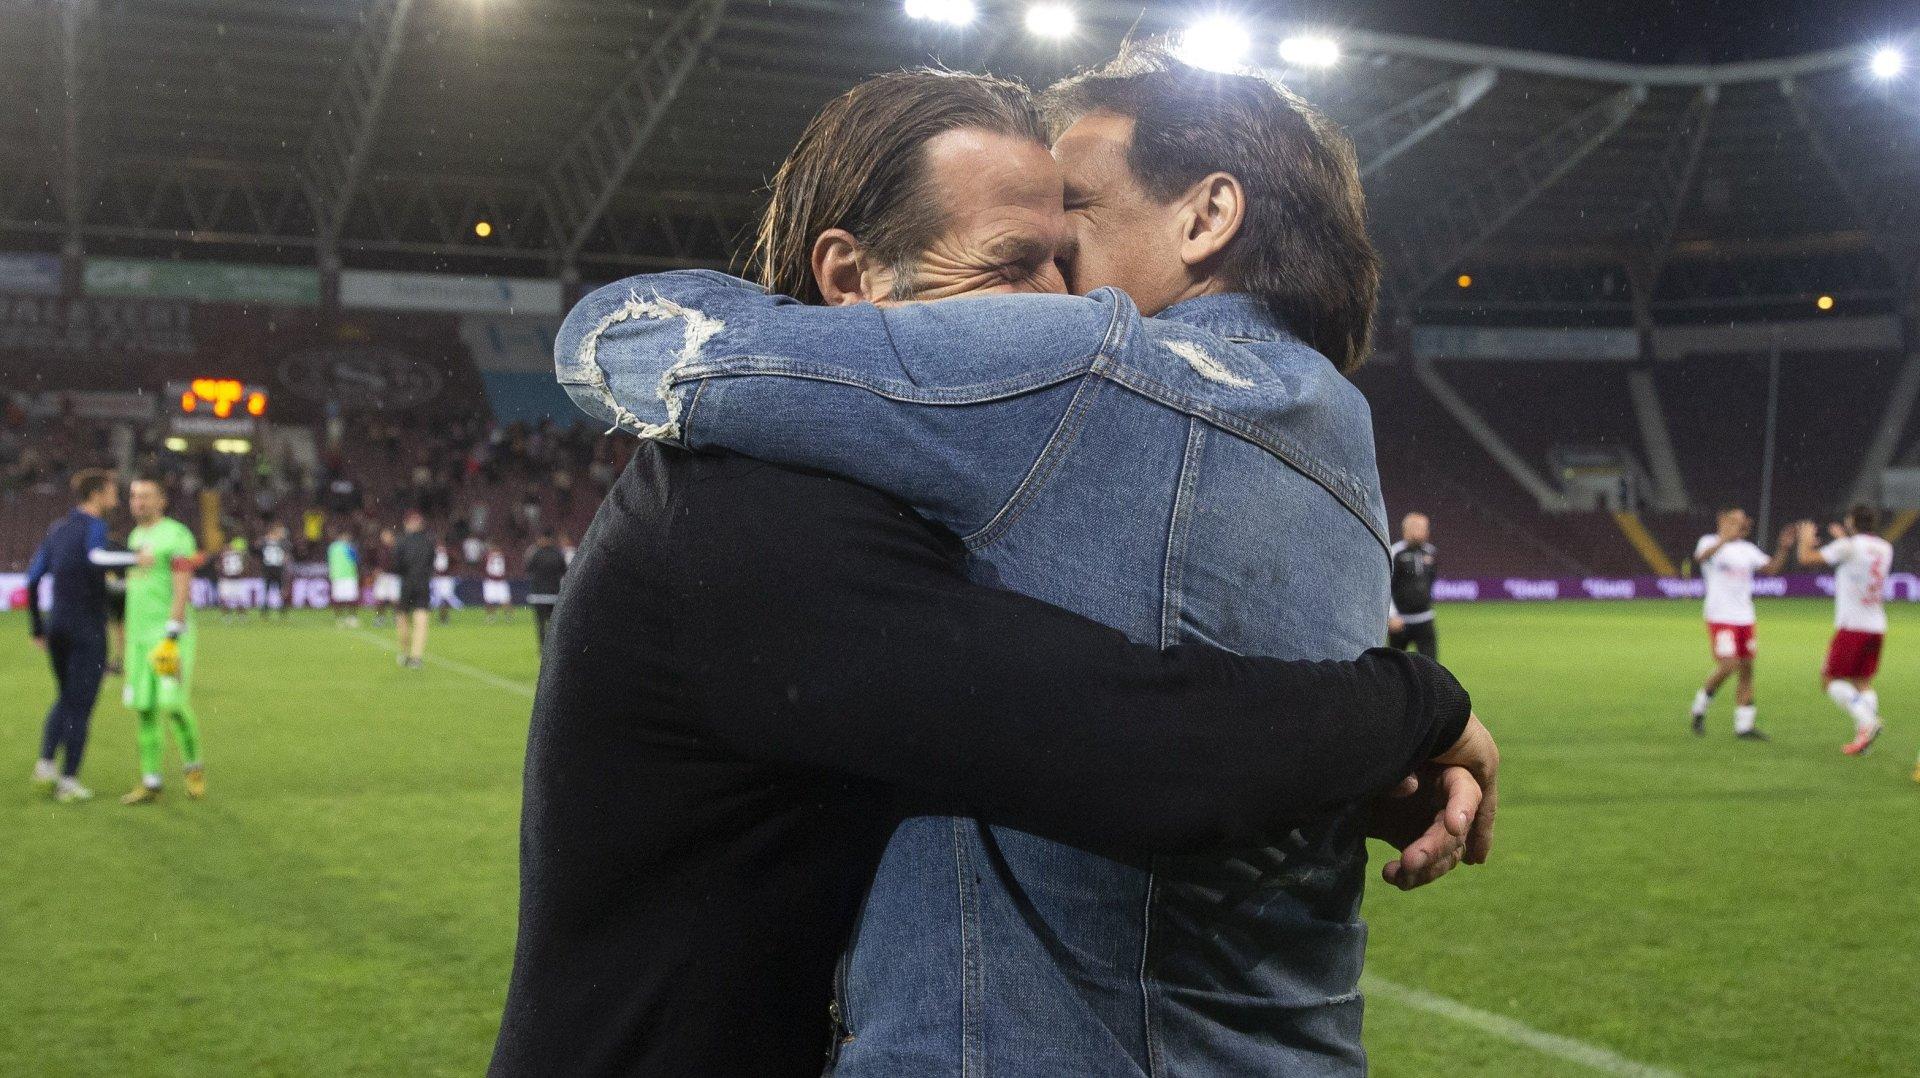 Paolo Tramezzani et Christian Constantin se congratulent après la victoire du FC Sion contre le Servette FC au stade de Genève le 3 août 2020 qui assure le maintien du club valaisan en Super League.